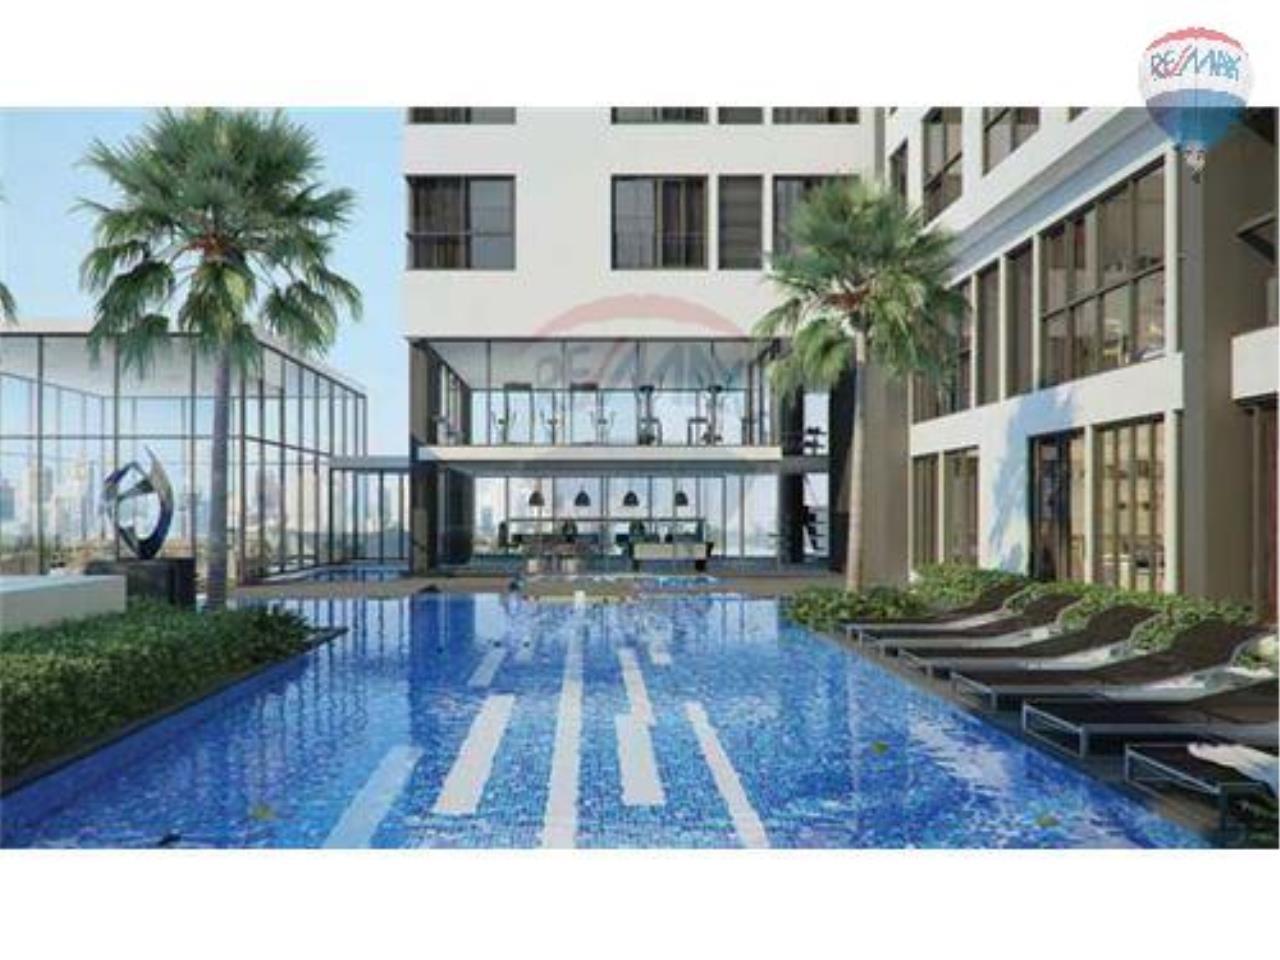 RE/MAX Properties Agency's Condominium for rent 43 Sq.M. at Ideo Mobi Sukhumvit 9